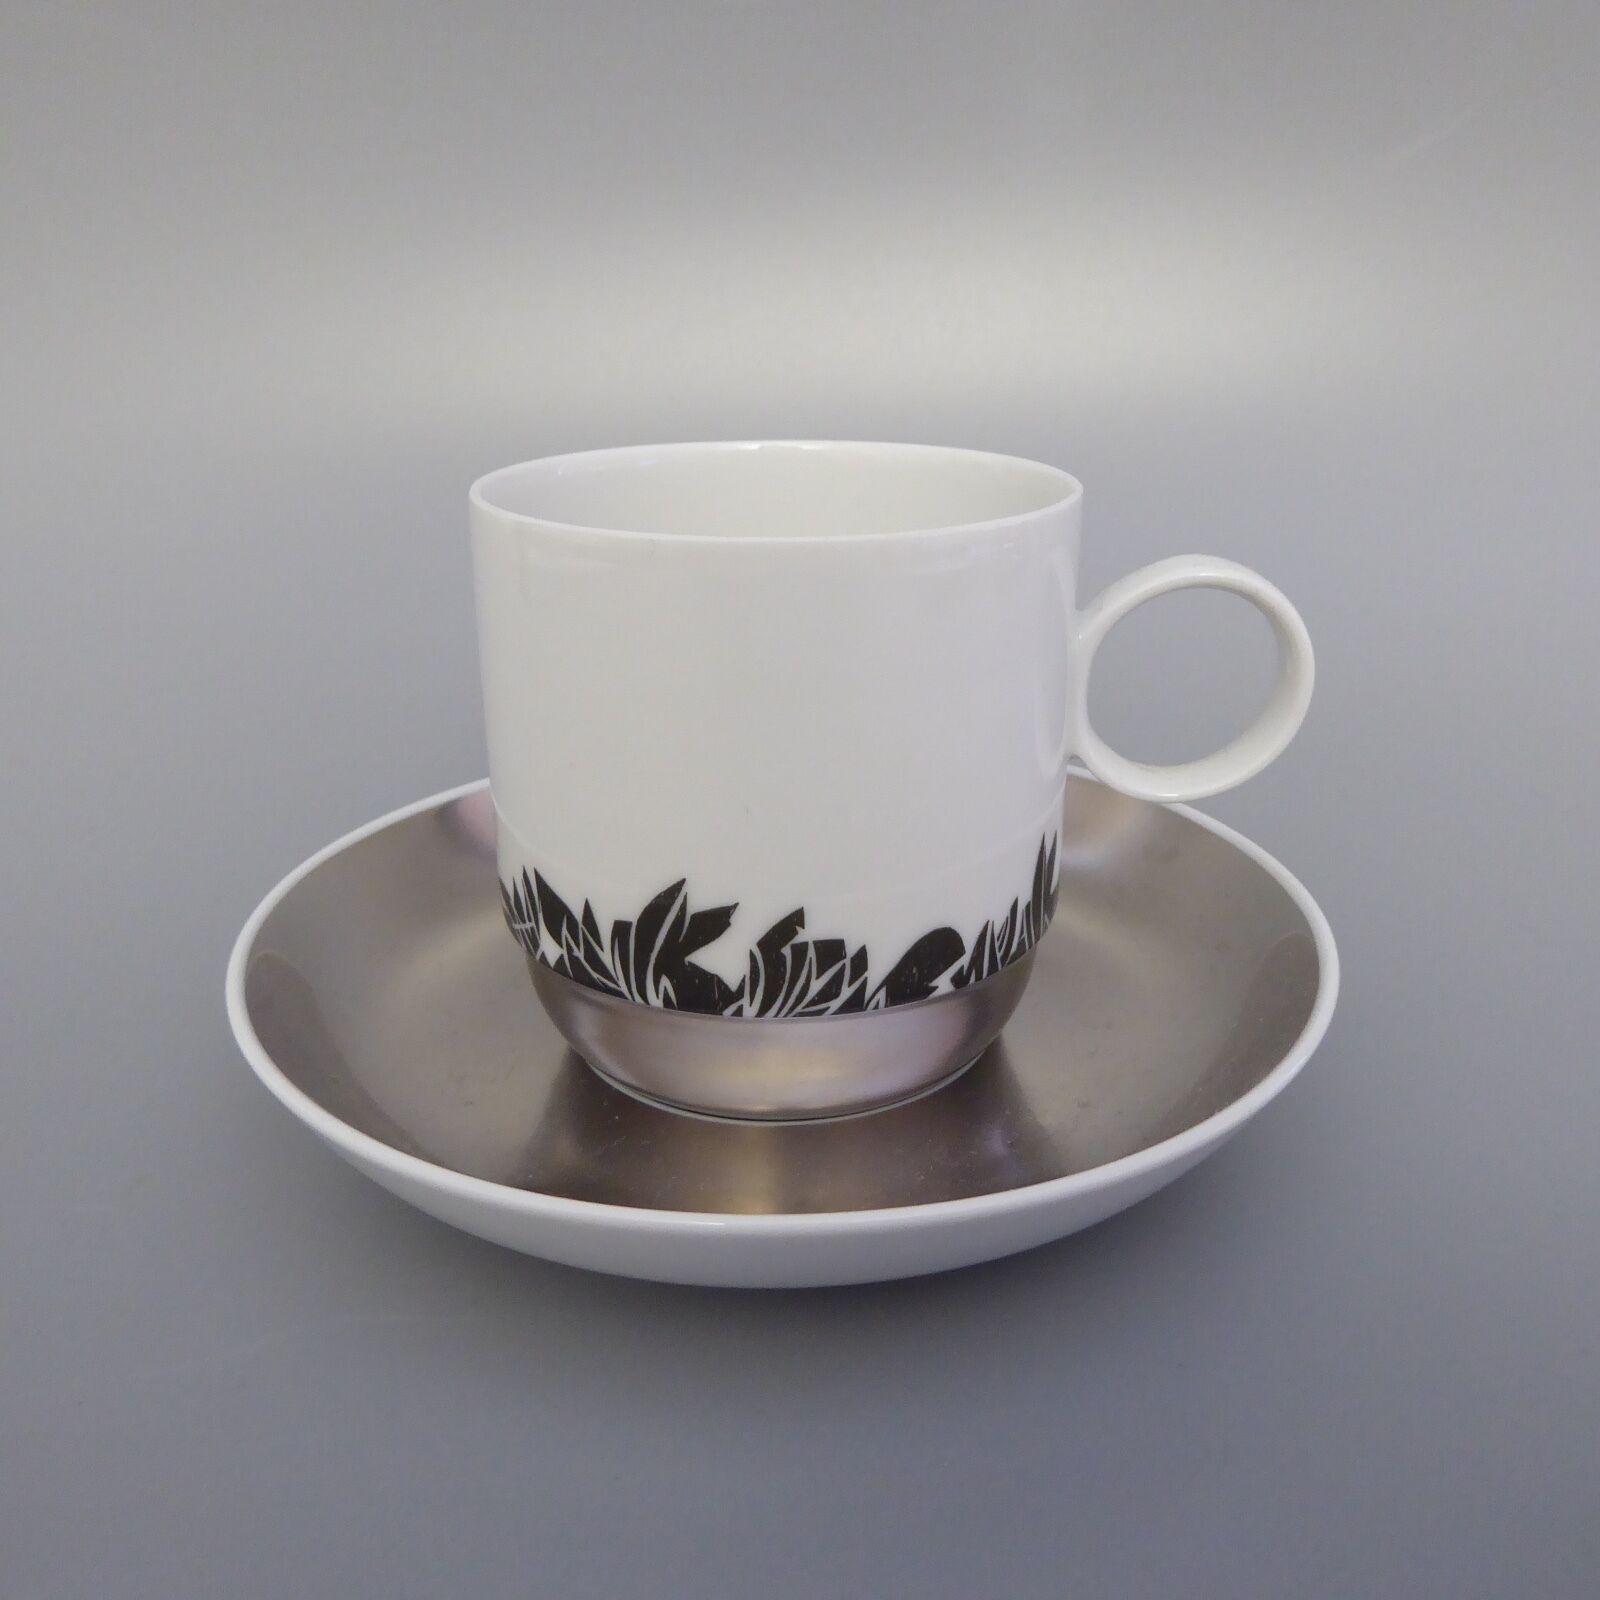 Rosanthal Duo Pastoral Hap Grieshaber Kaffeetasse 2tlg   (D) | Angemessene Lieferung und pünktliche Lieferung